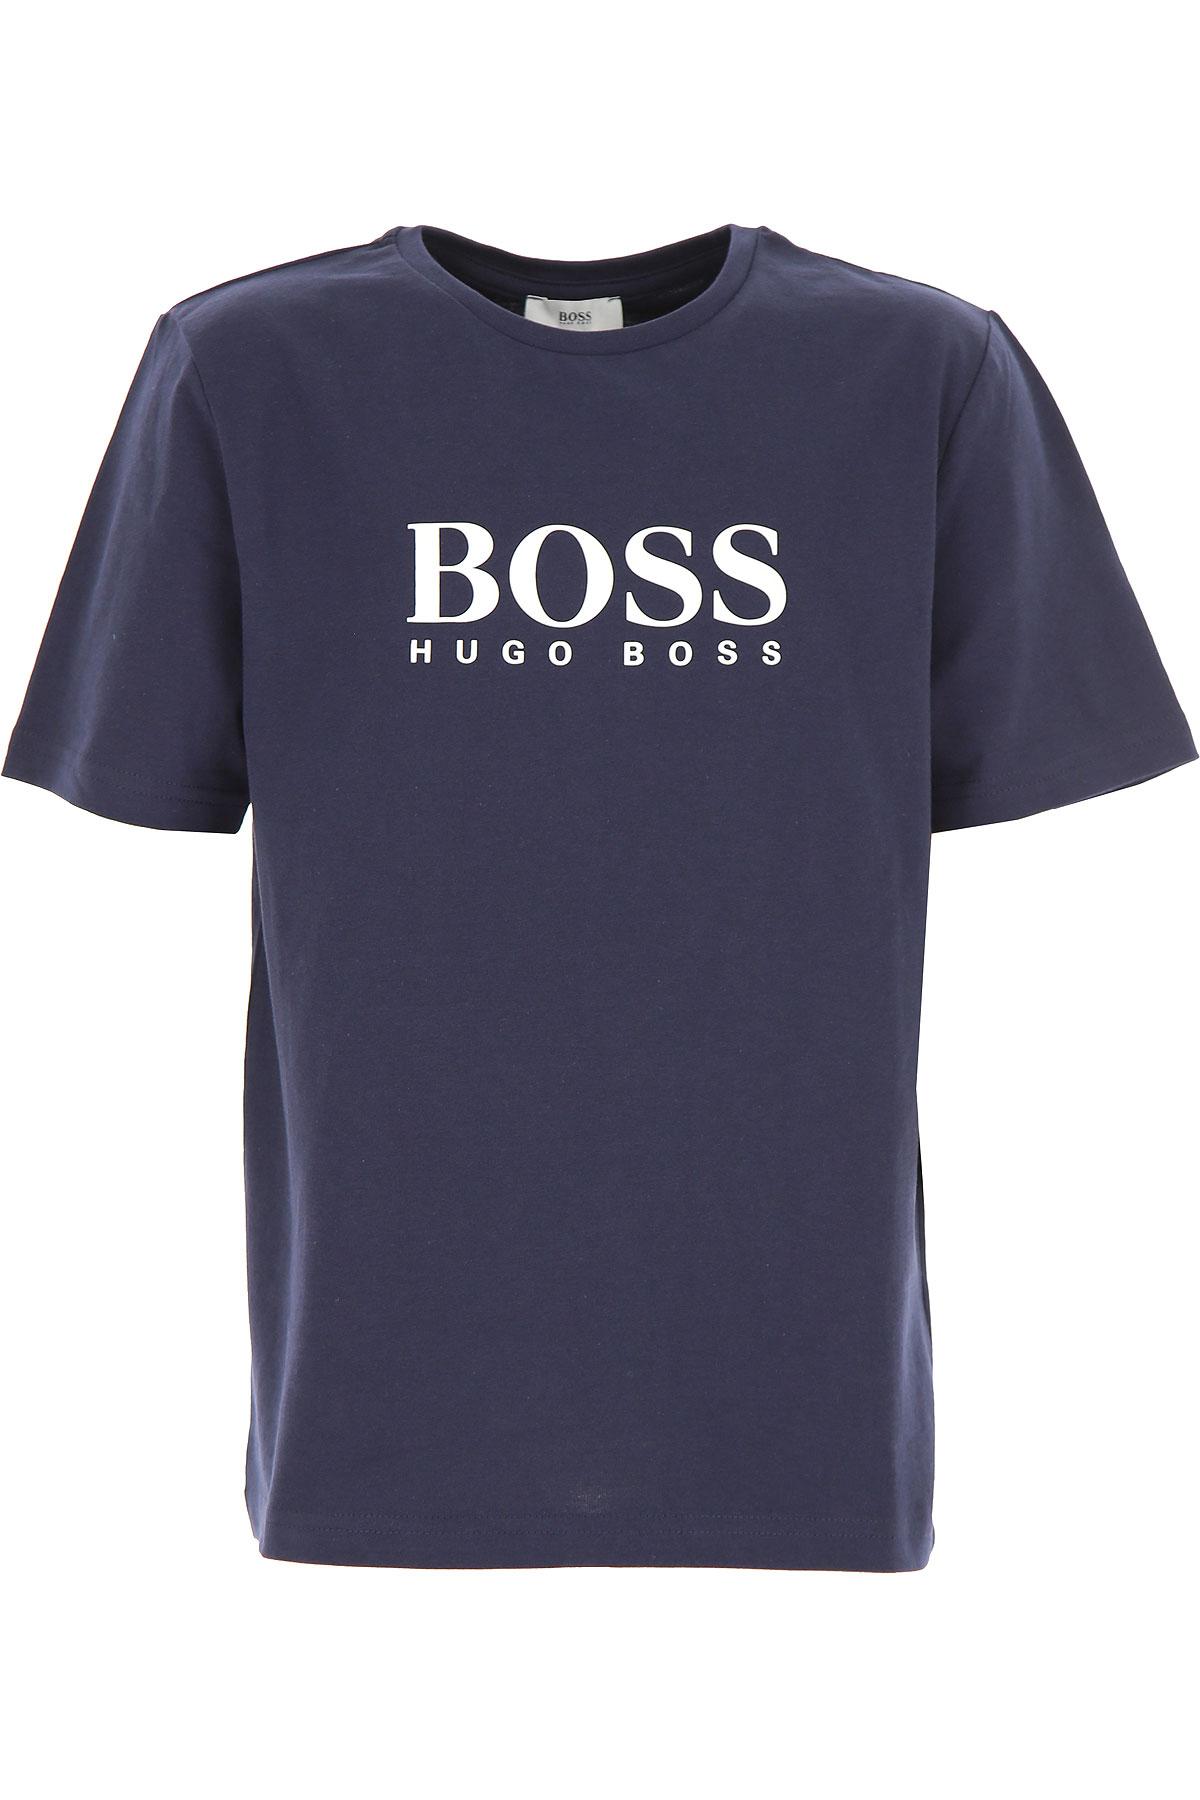 Hugo Boss Camiseta para Niño Baratos en Rebajas, Marina, Algodon, 2017, 5Y 6Y